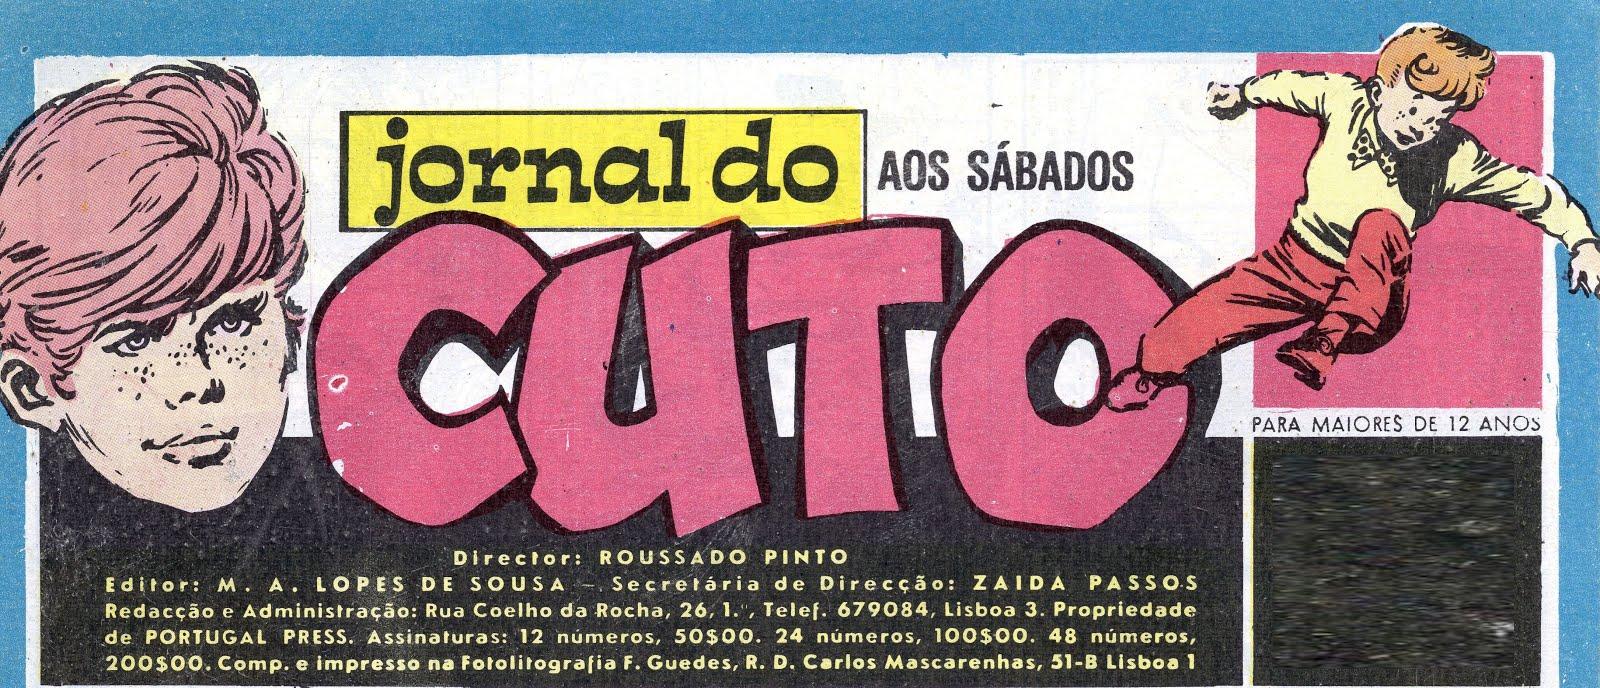 Todos los sábados: Jornal do Cuto, en colaboración con Tralhas Varias...